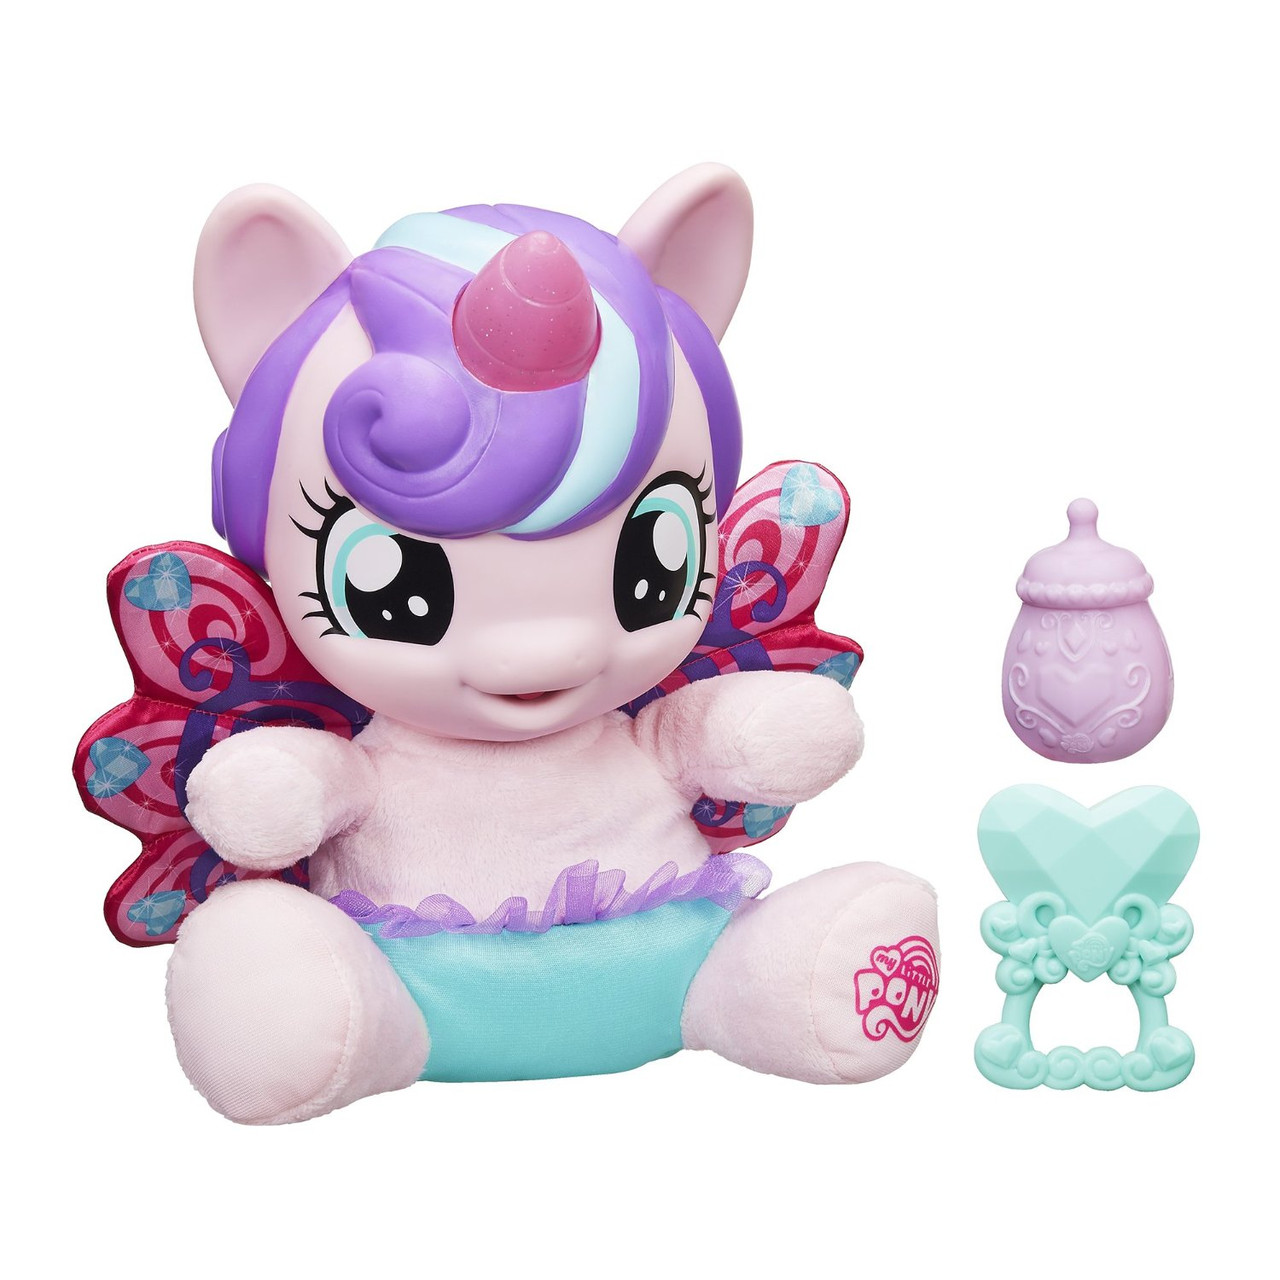 Пони малышка принцесса Фларри Харт интерактивная Flurry Heart My Little Pony на польском языке, фото 1